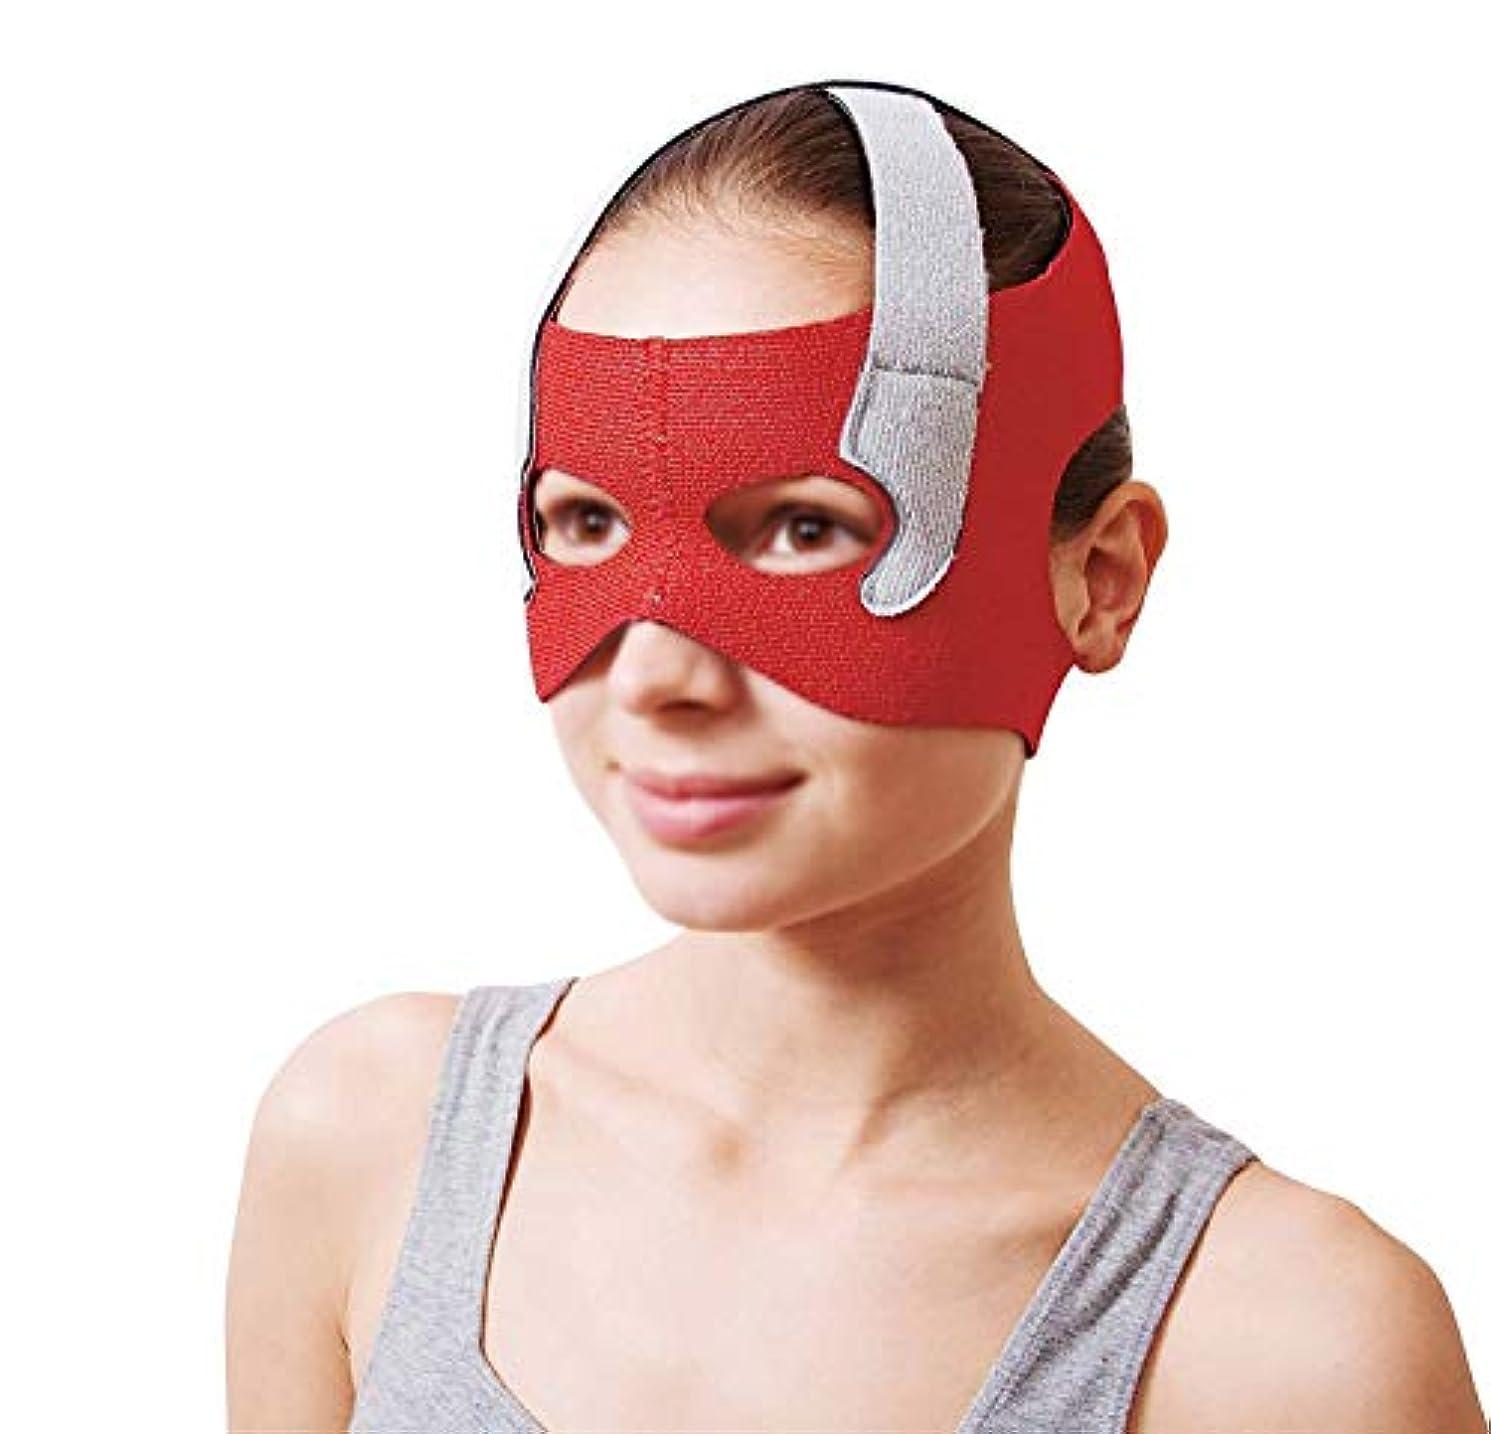 うなずく落ち着く魔術GLJJQMY フェイシャルリフティングマスク回復包帯ヘッドギアマスクシンフェイスマスクアーティファクト美容ベルトフェイシャルとネックリフティングフェイシャル円周57-68 cm 顔用整形マスク